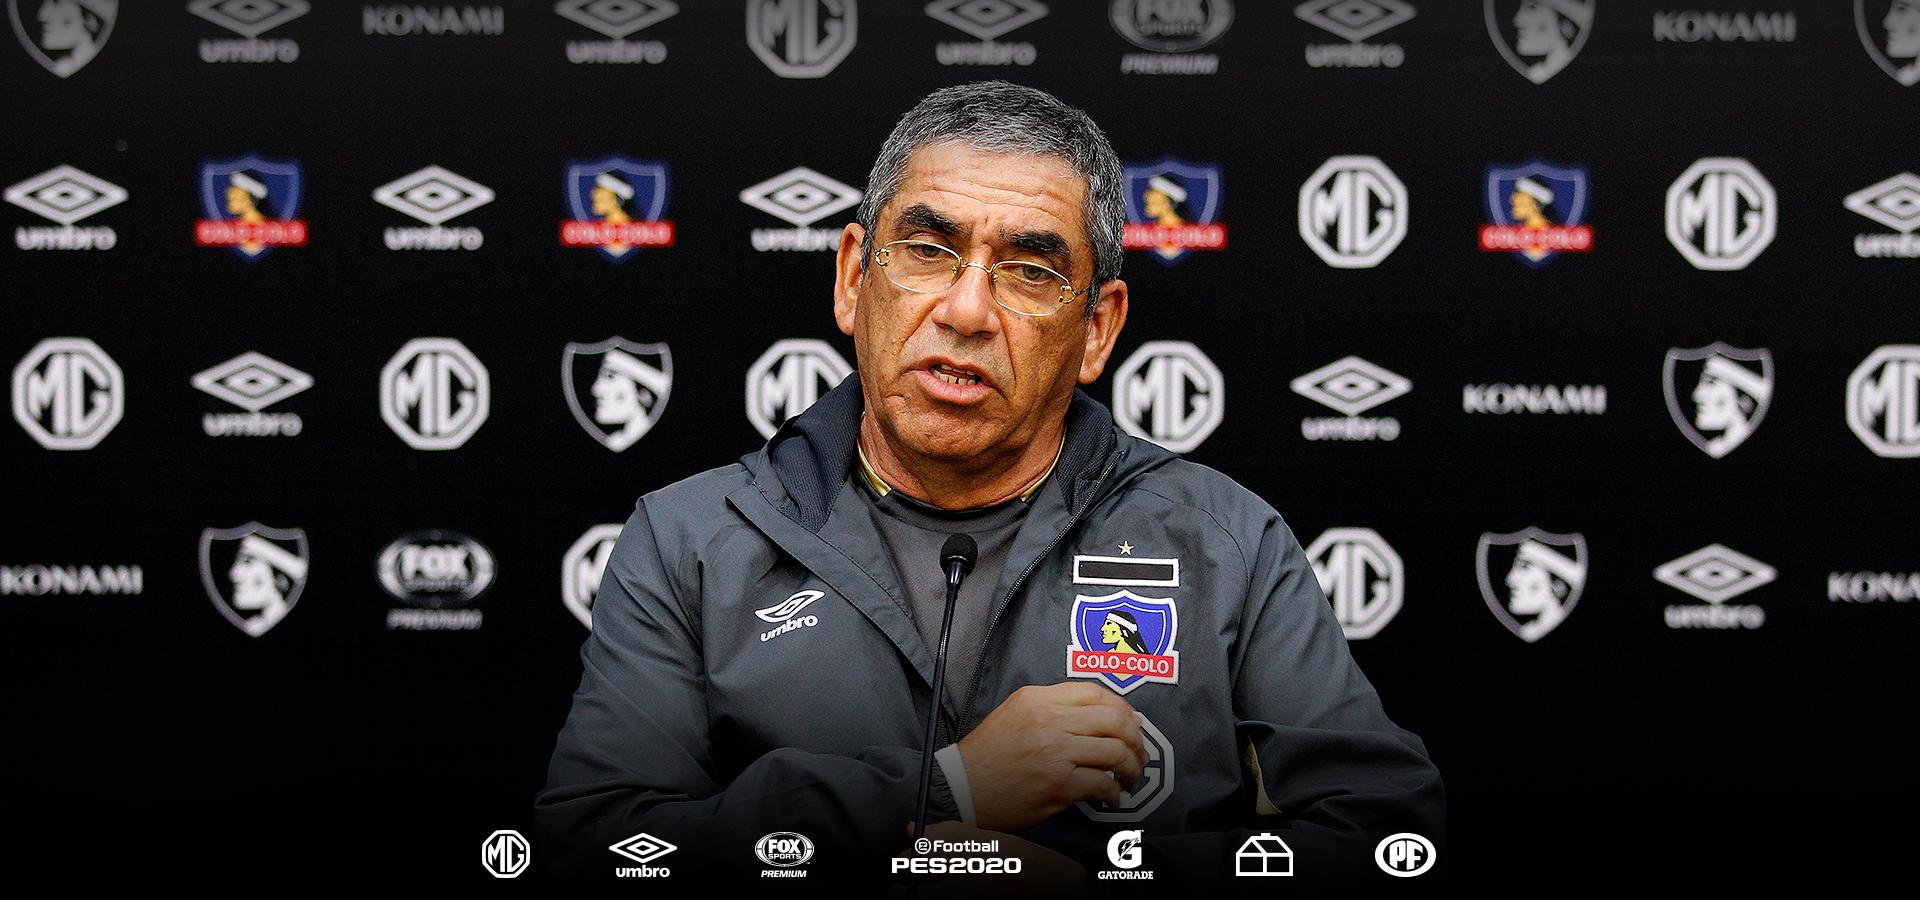 """Gualberto Jara: """"Estamos avanzando en lo táctico y con ganas de jugar"""""""